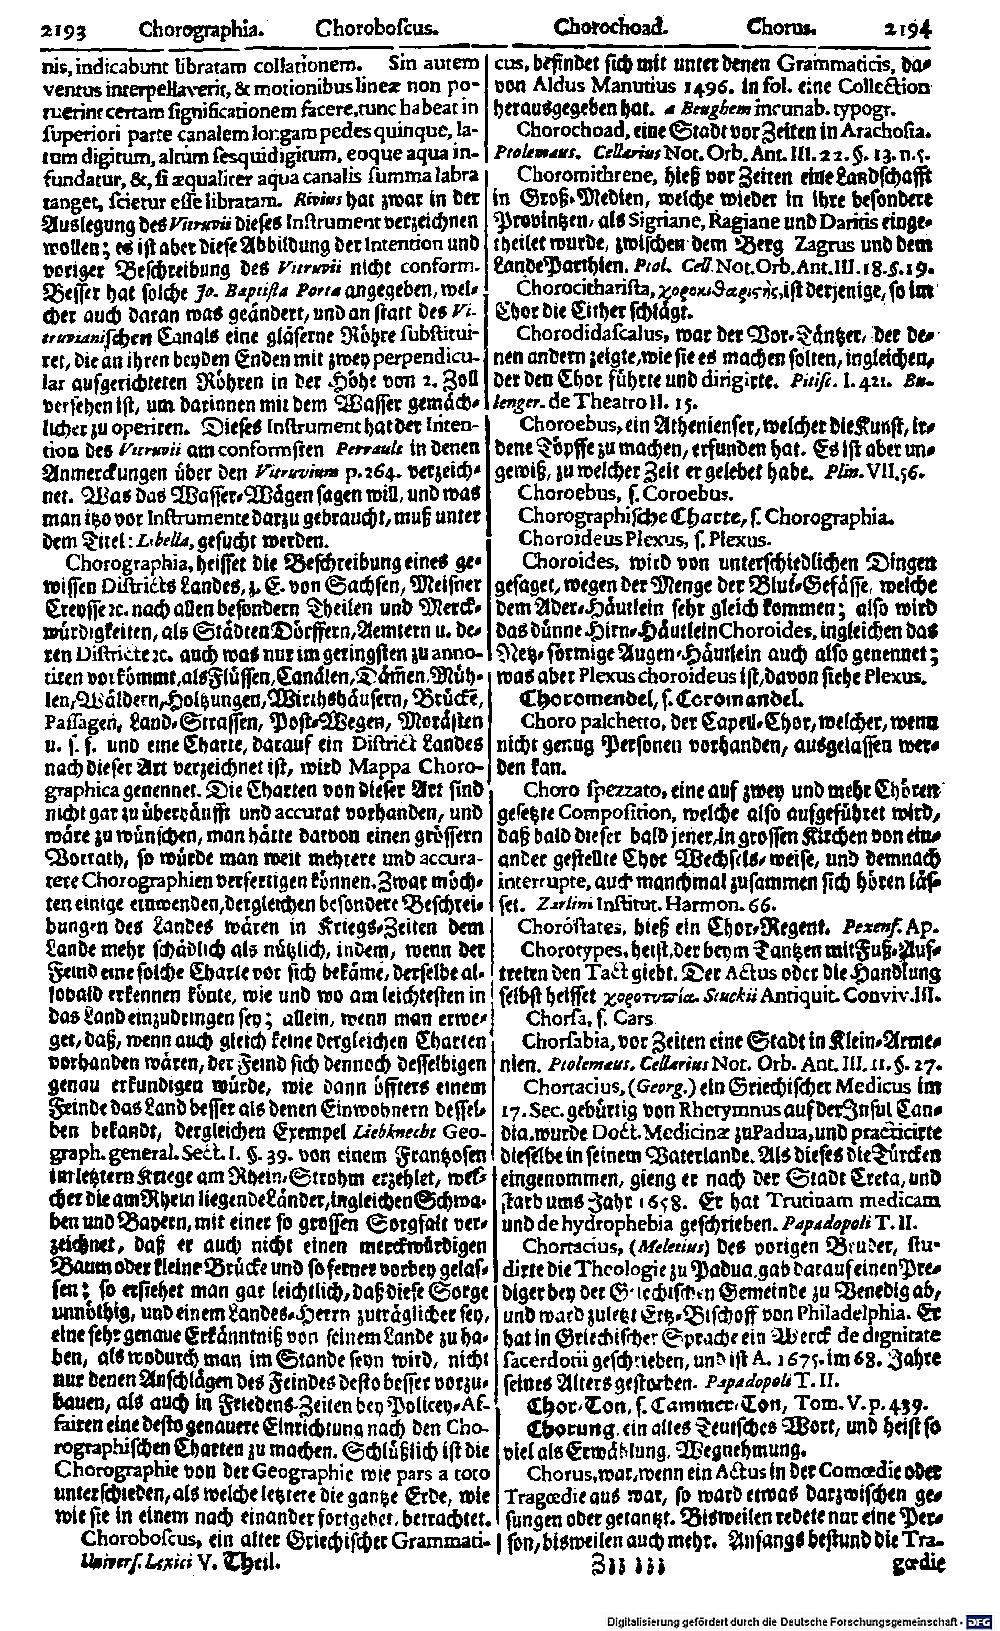 Bd. 05, Seite 1022.